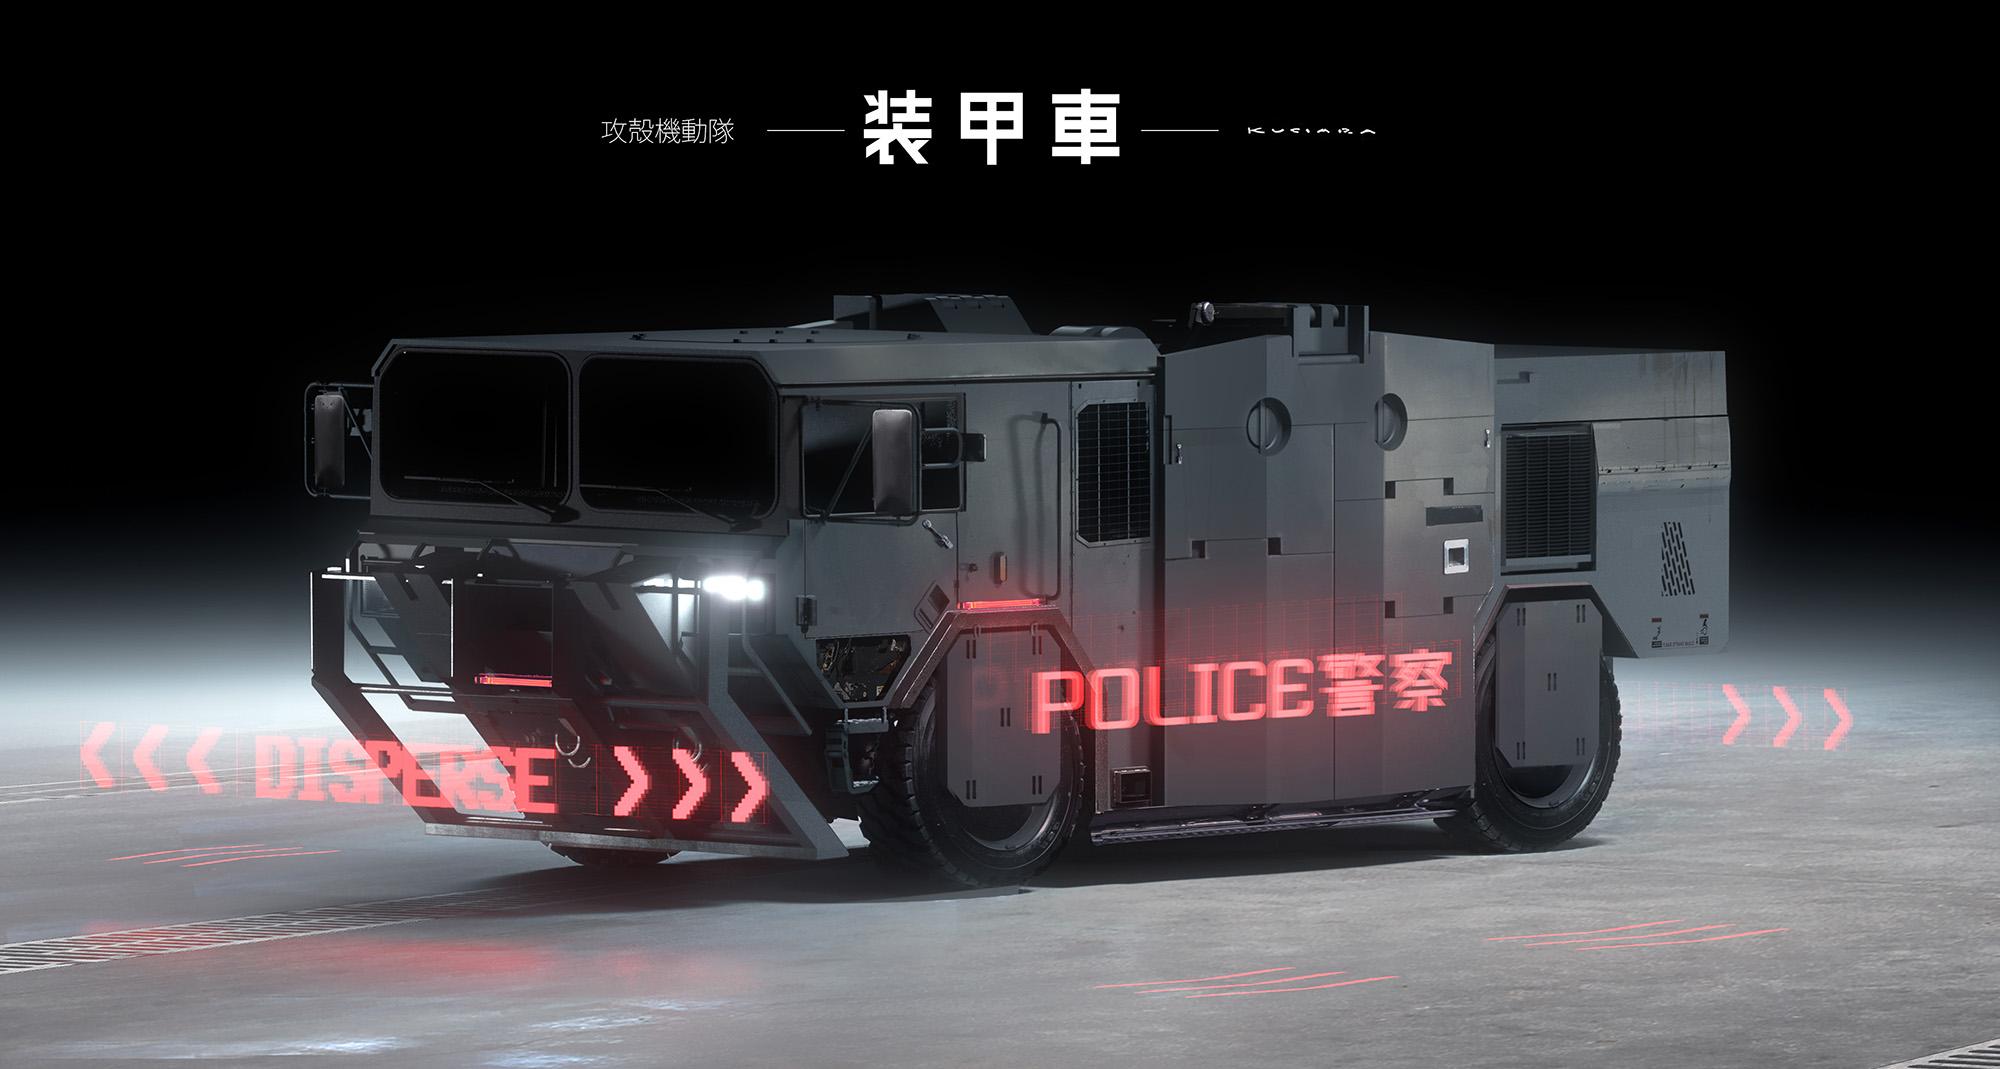 150914_VEH_ArmoredCarrier_MK_v005.jpg